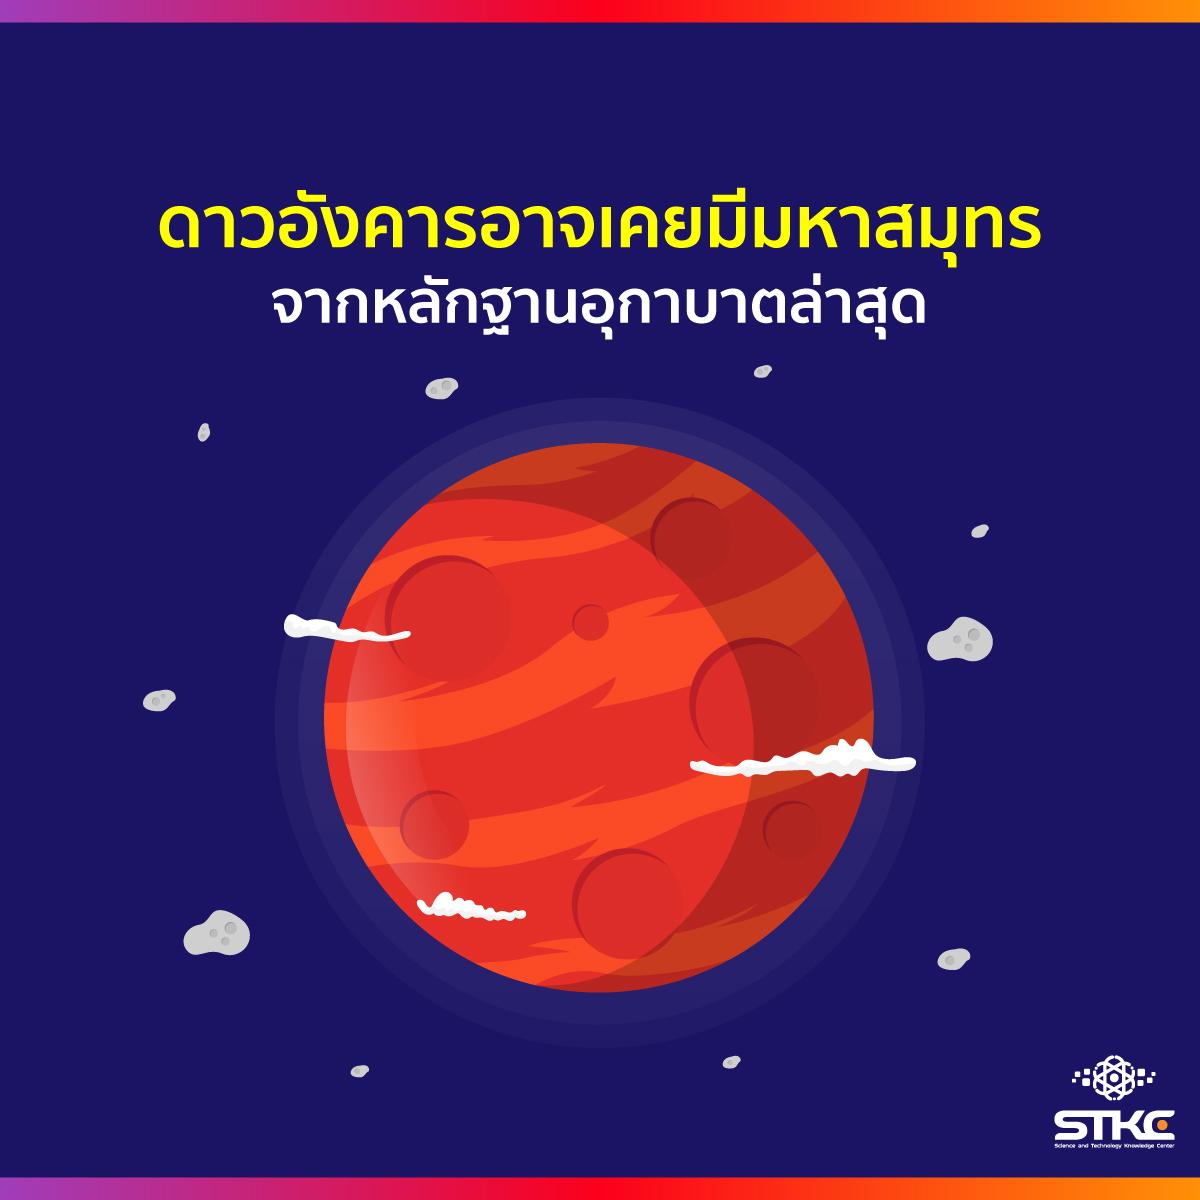 ดาวอังคารอาจเคยมีมหาสมุทร จากหลักฐานอุกาบาตล่าสุด